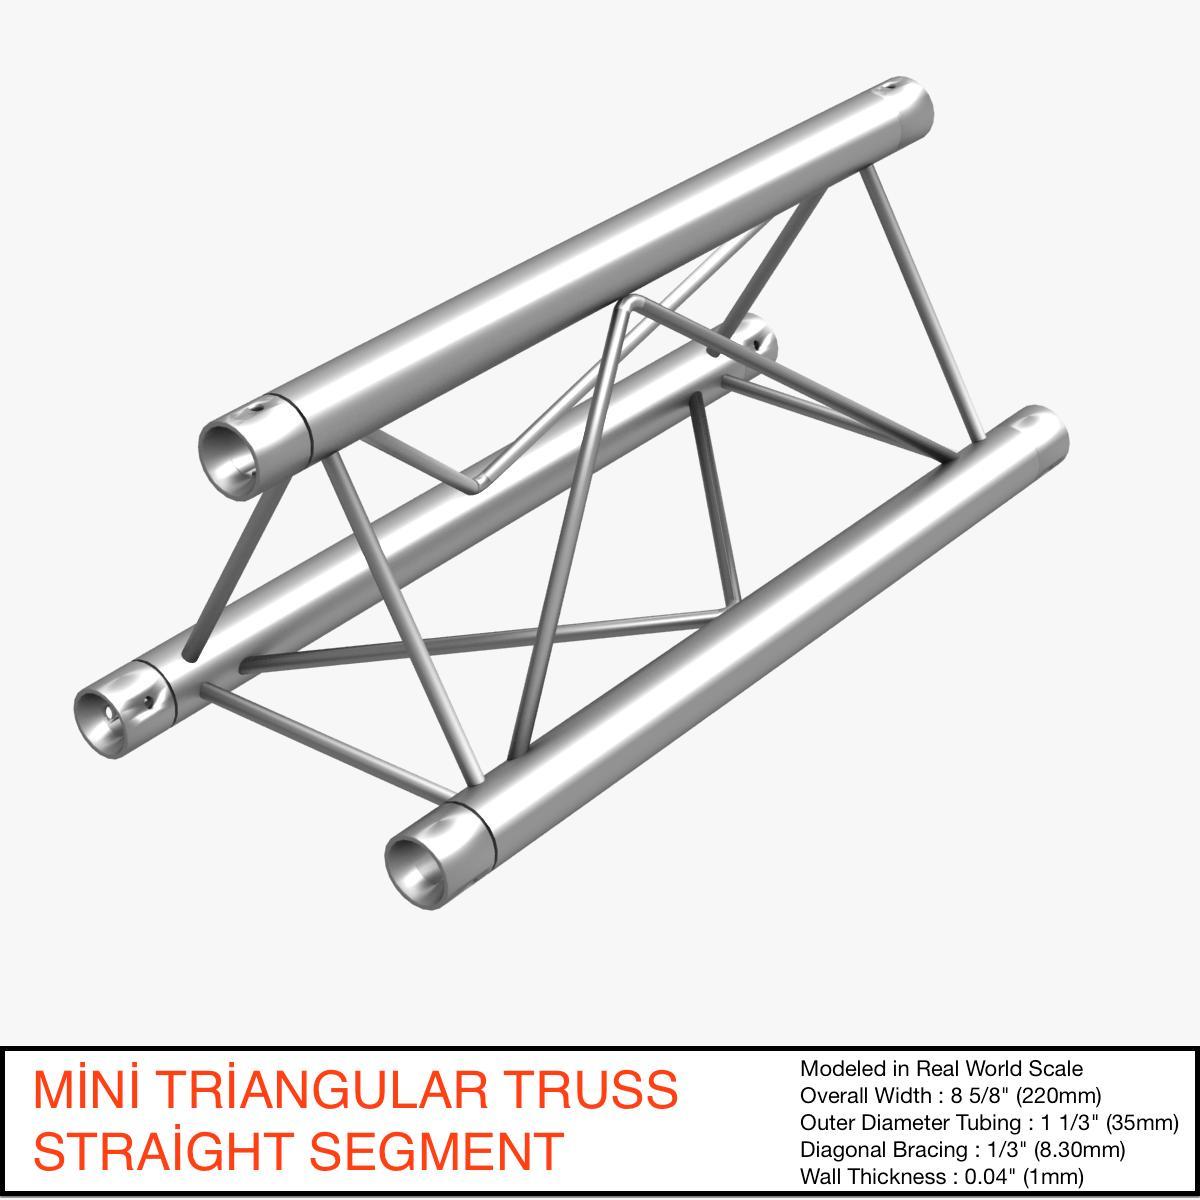 Mini Triangular Truss Straight Segment 111 3d model 3ds max dxf fbx c4d   obj 268874